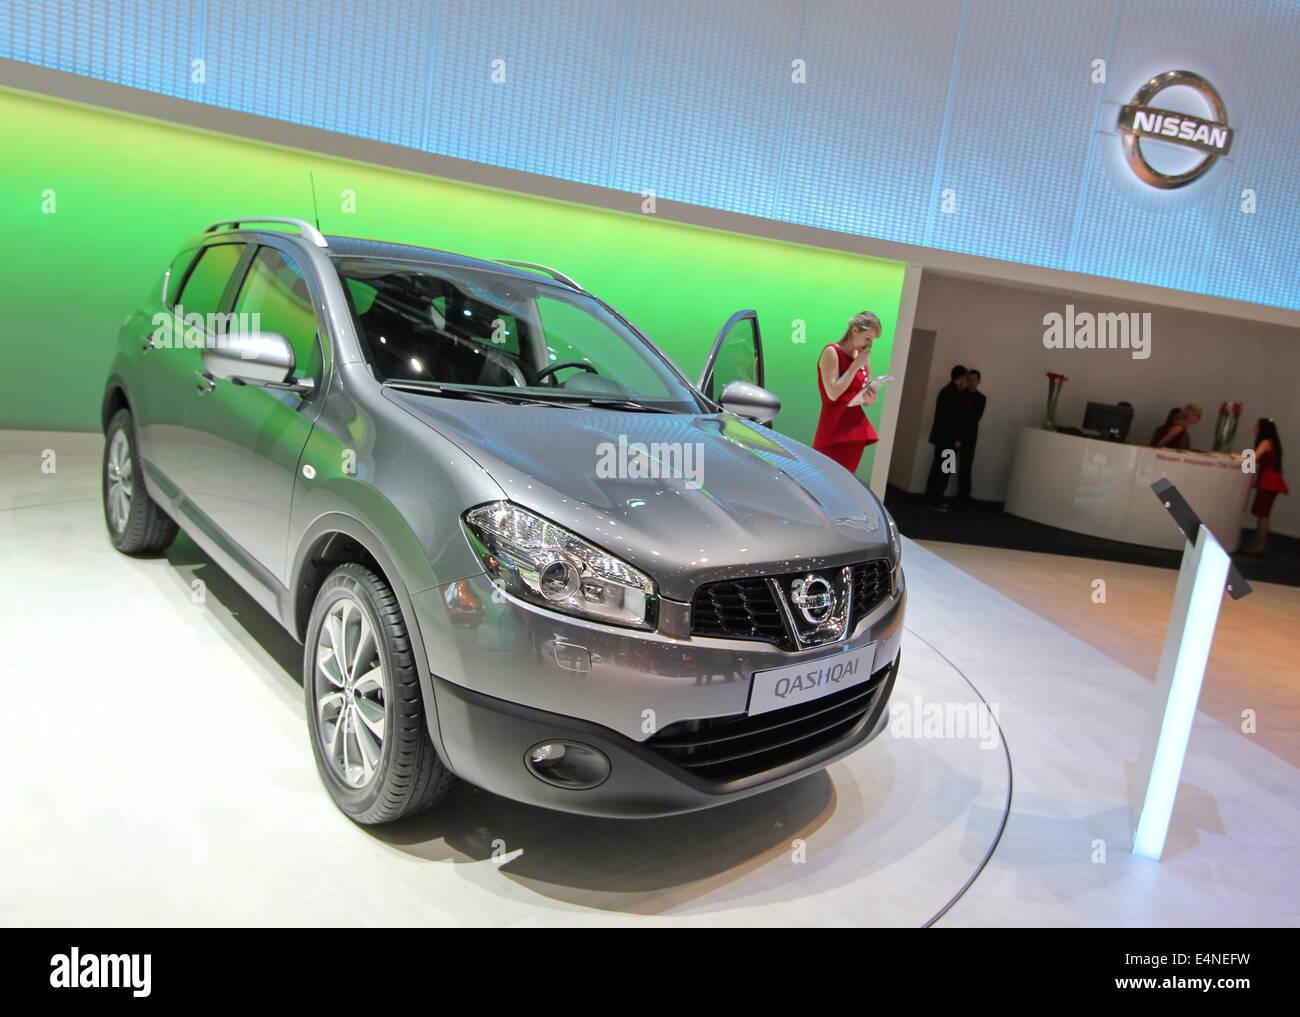 Grey Nissan Qashqai - Stock Image